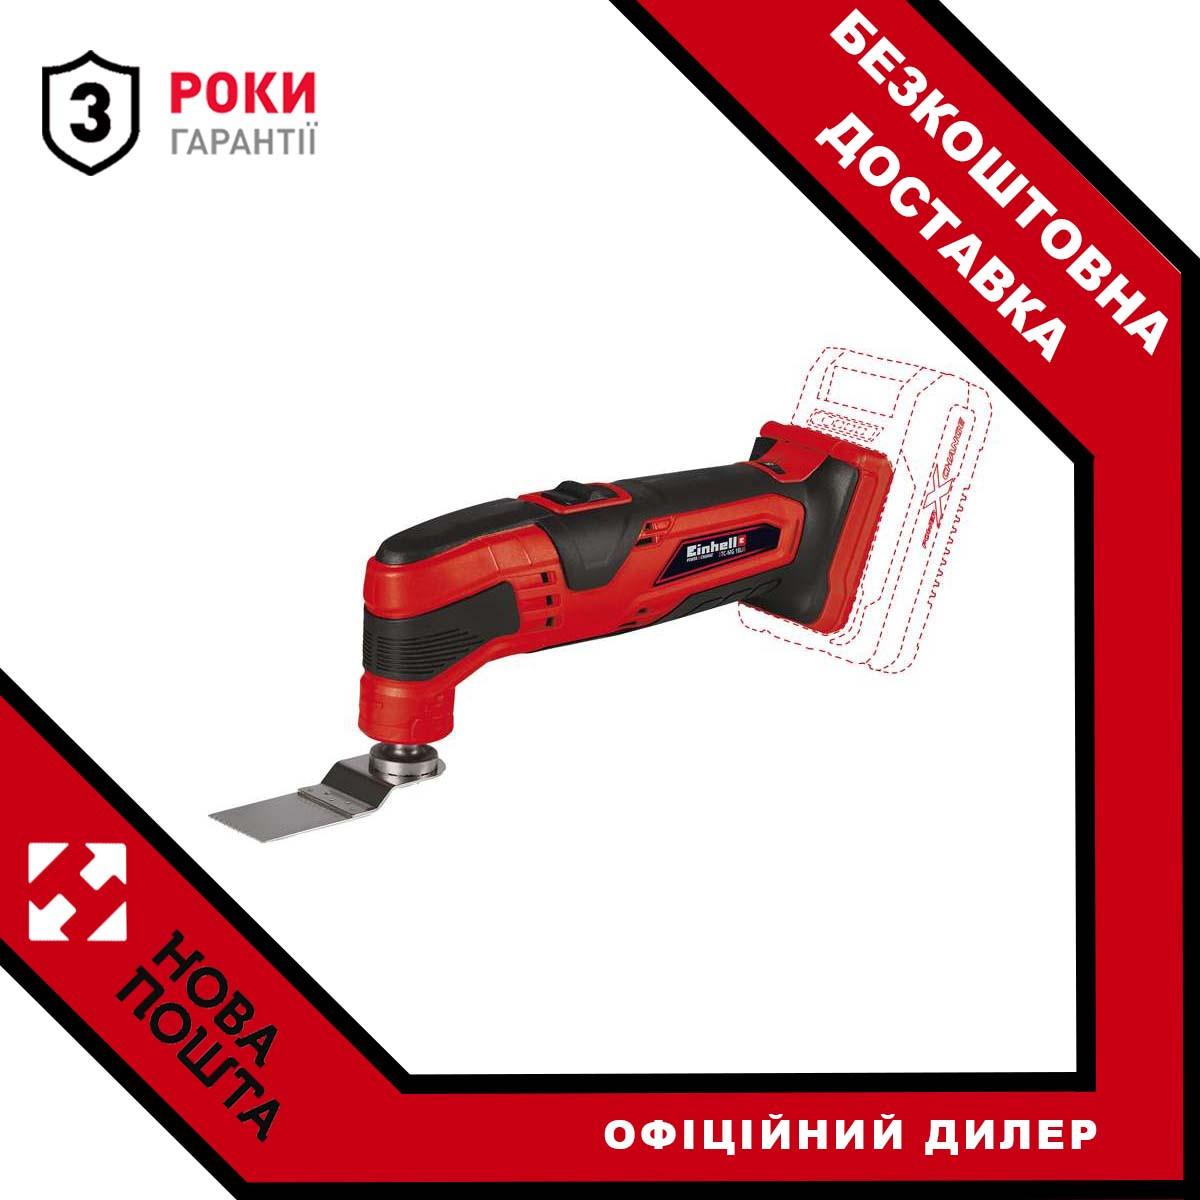 Многофункциональный инструмент аккумуляторный Einhell TC-MG 18 Li-Solo